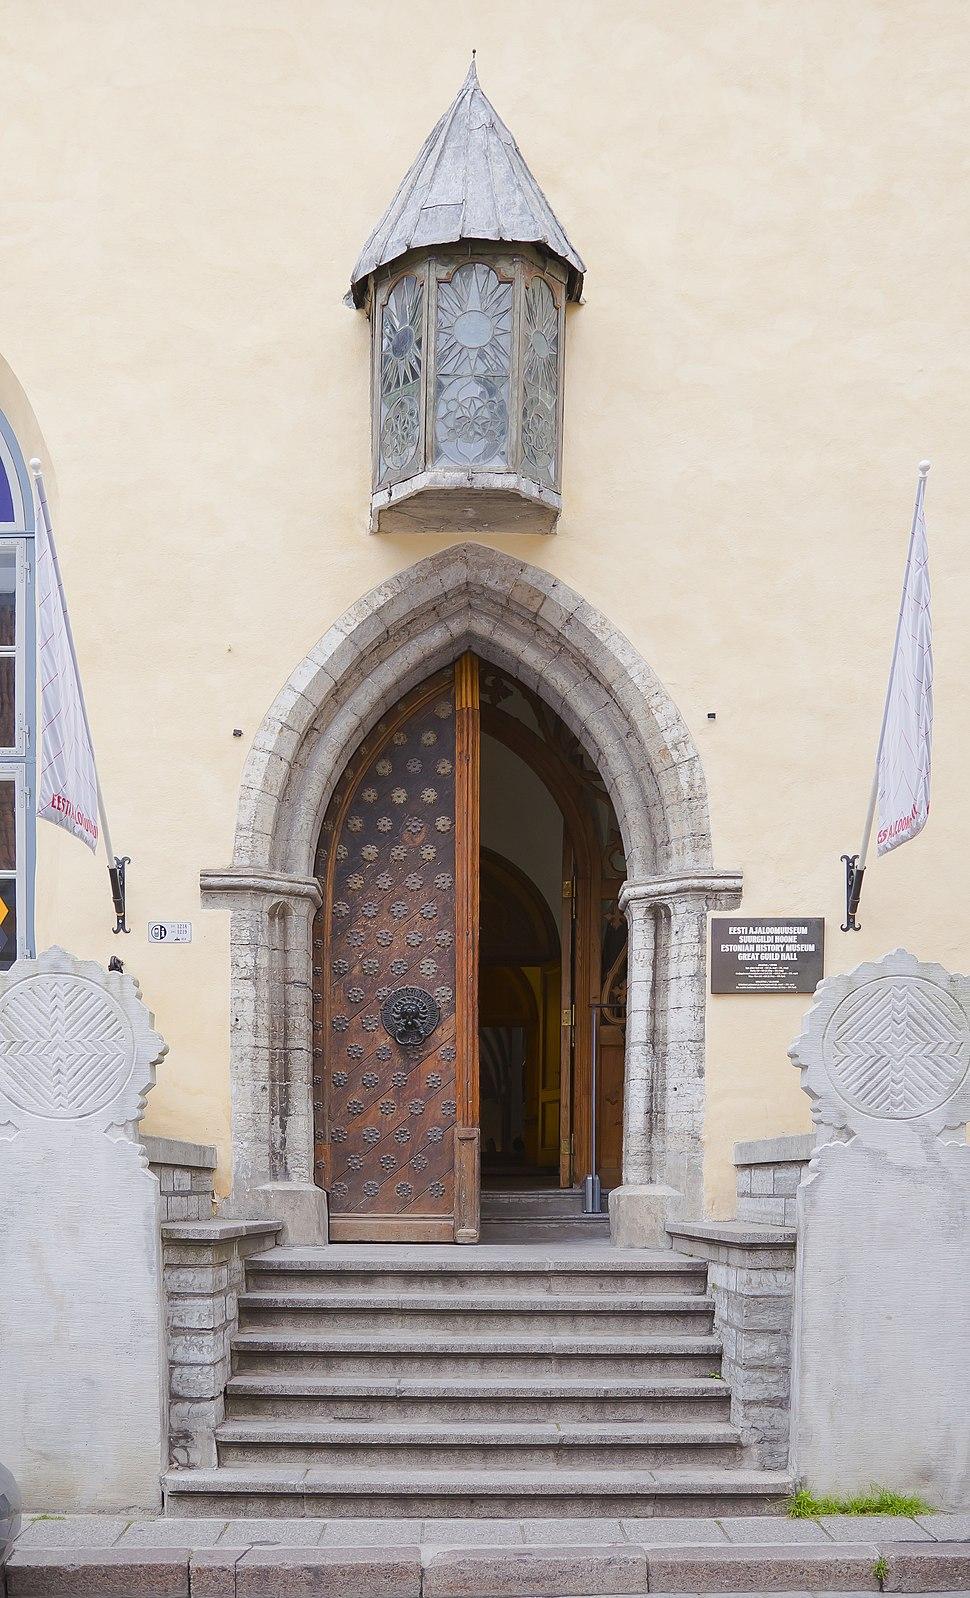 Museo Estonio de Historia, Tallinn, Estonia, 2012-08-05, DD 02